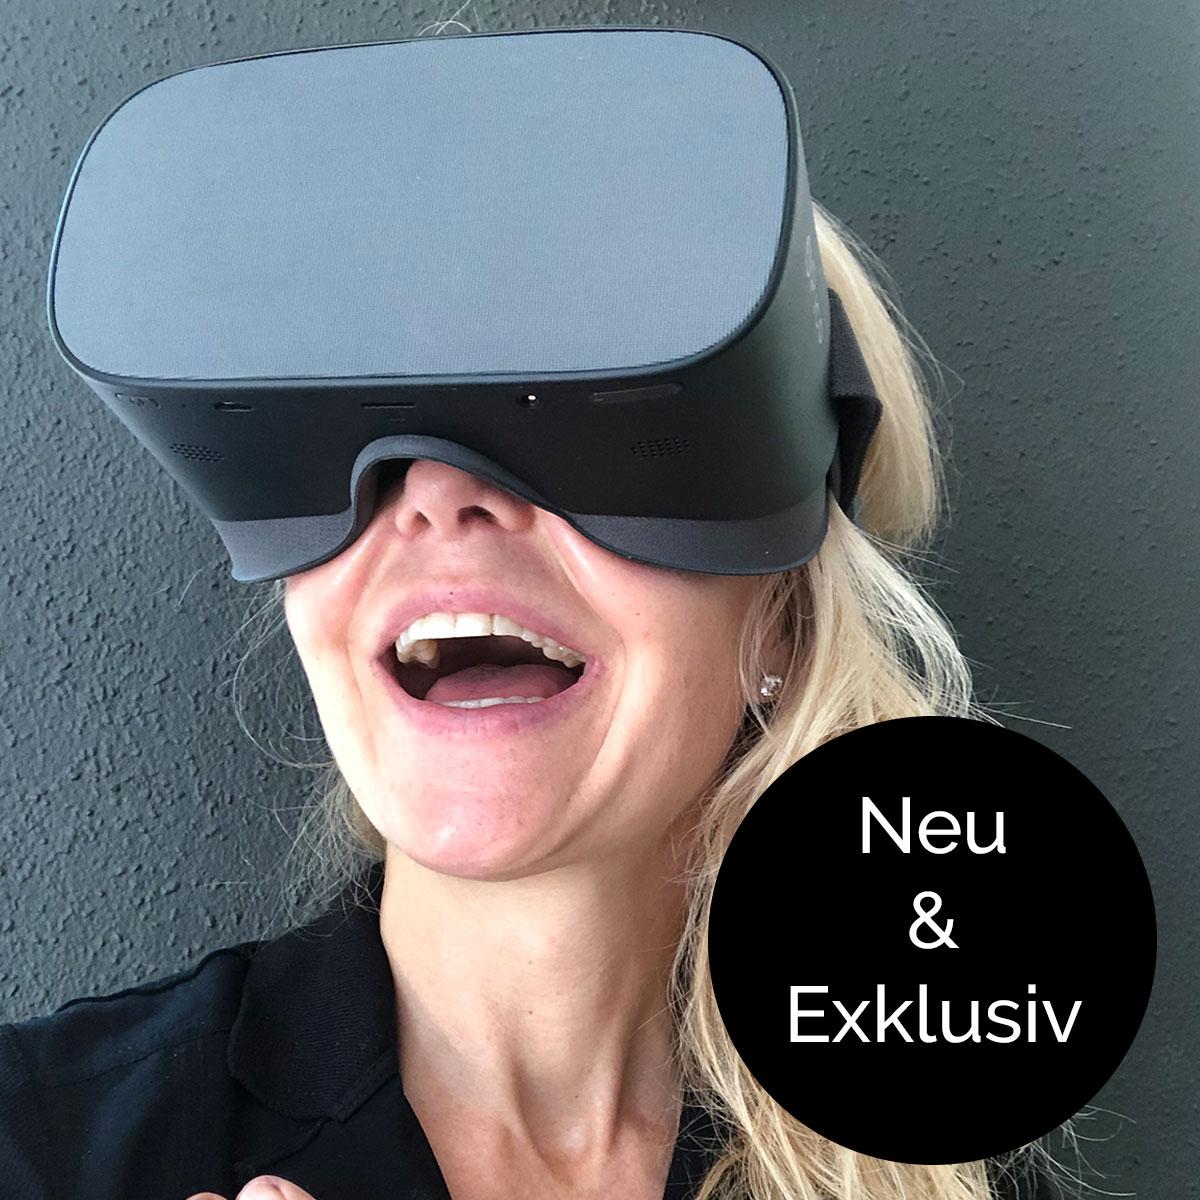 Präsentationstrainig mit der VR Brille